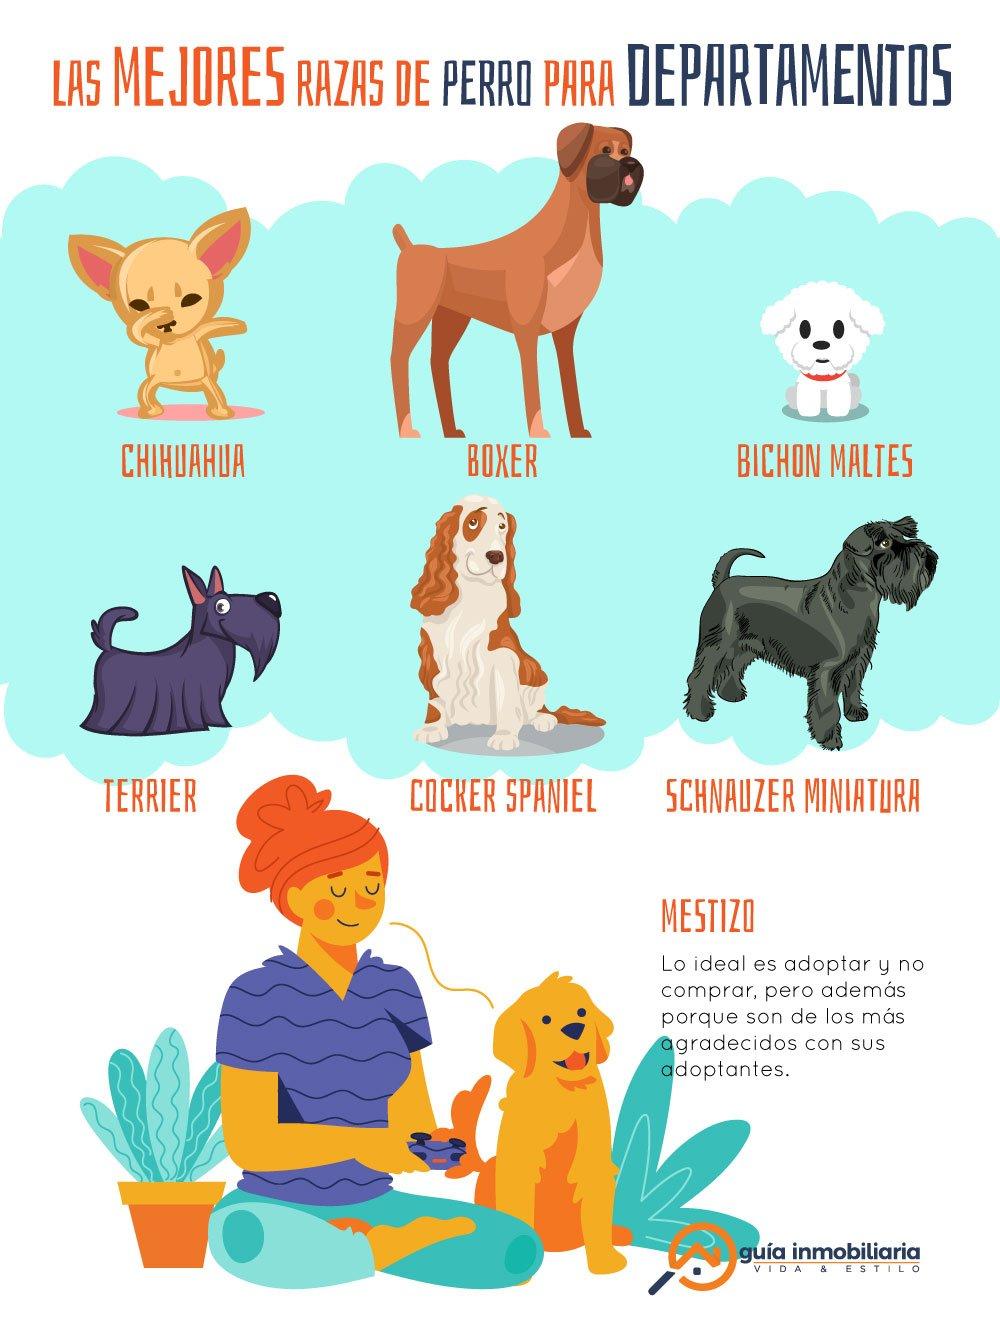 Infografía de las mejores razas de perros para departamentos